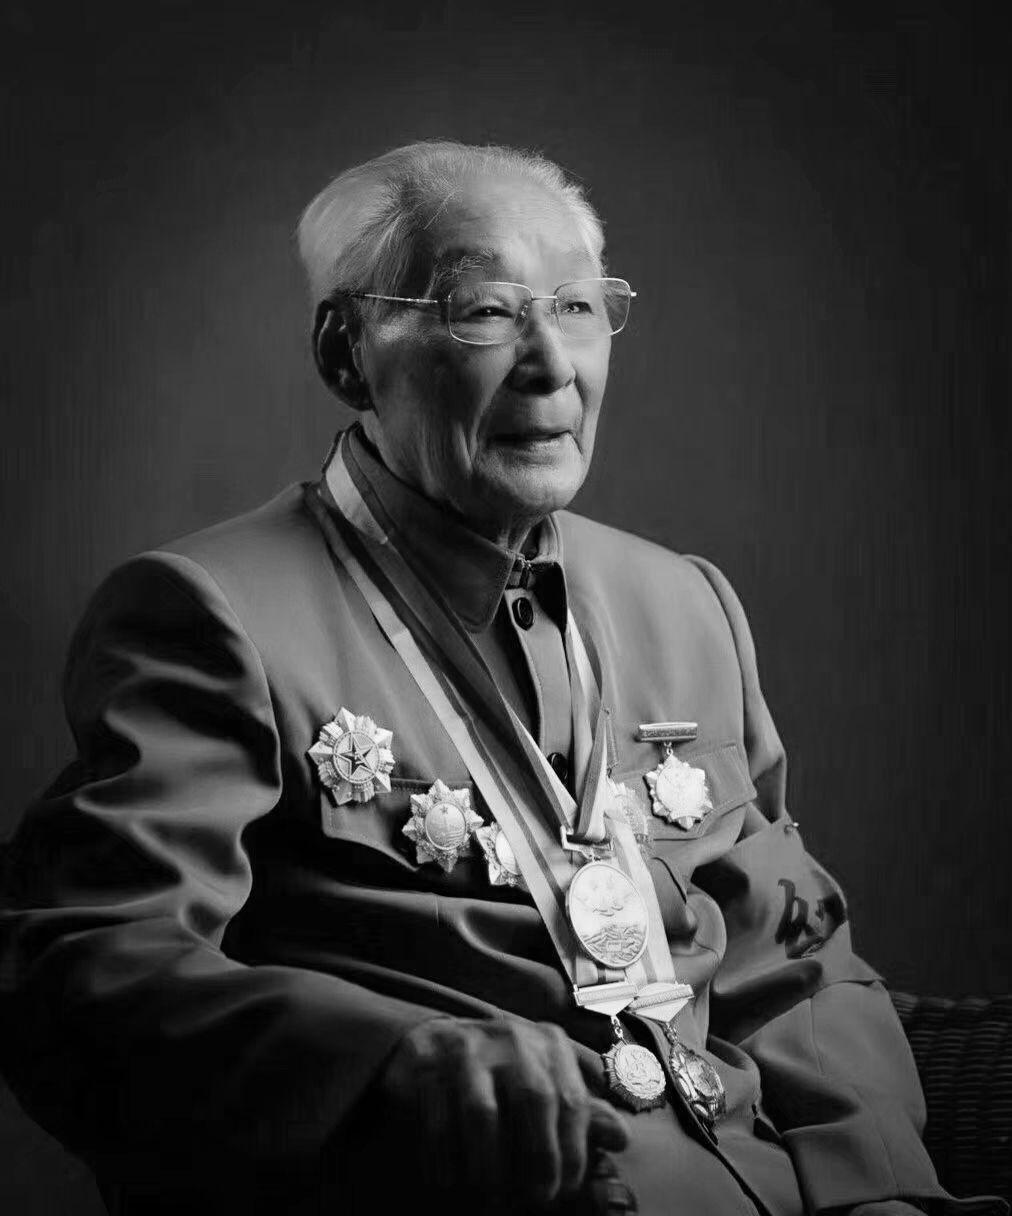 原南京邮电学院首任院长秦华礼逝世 享年108岁图片